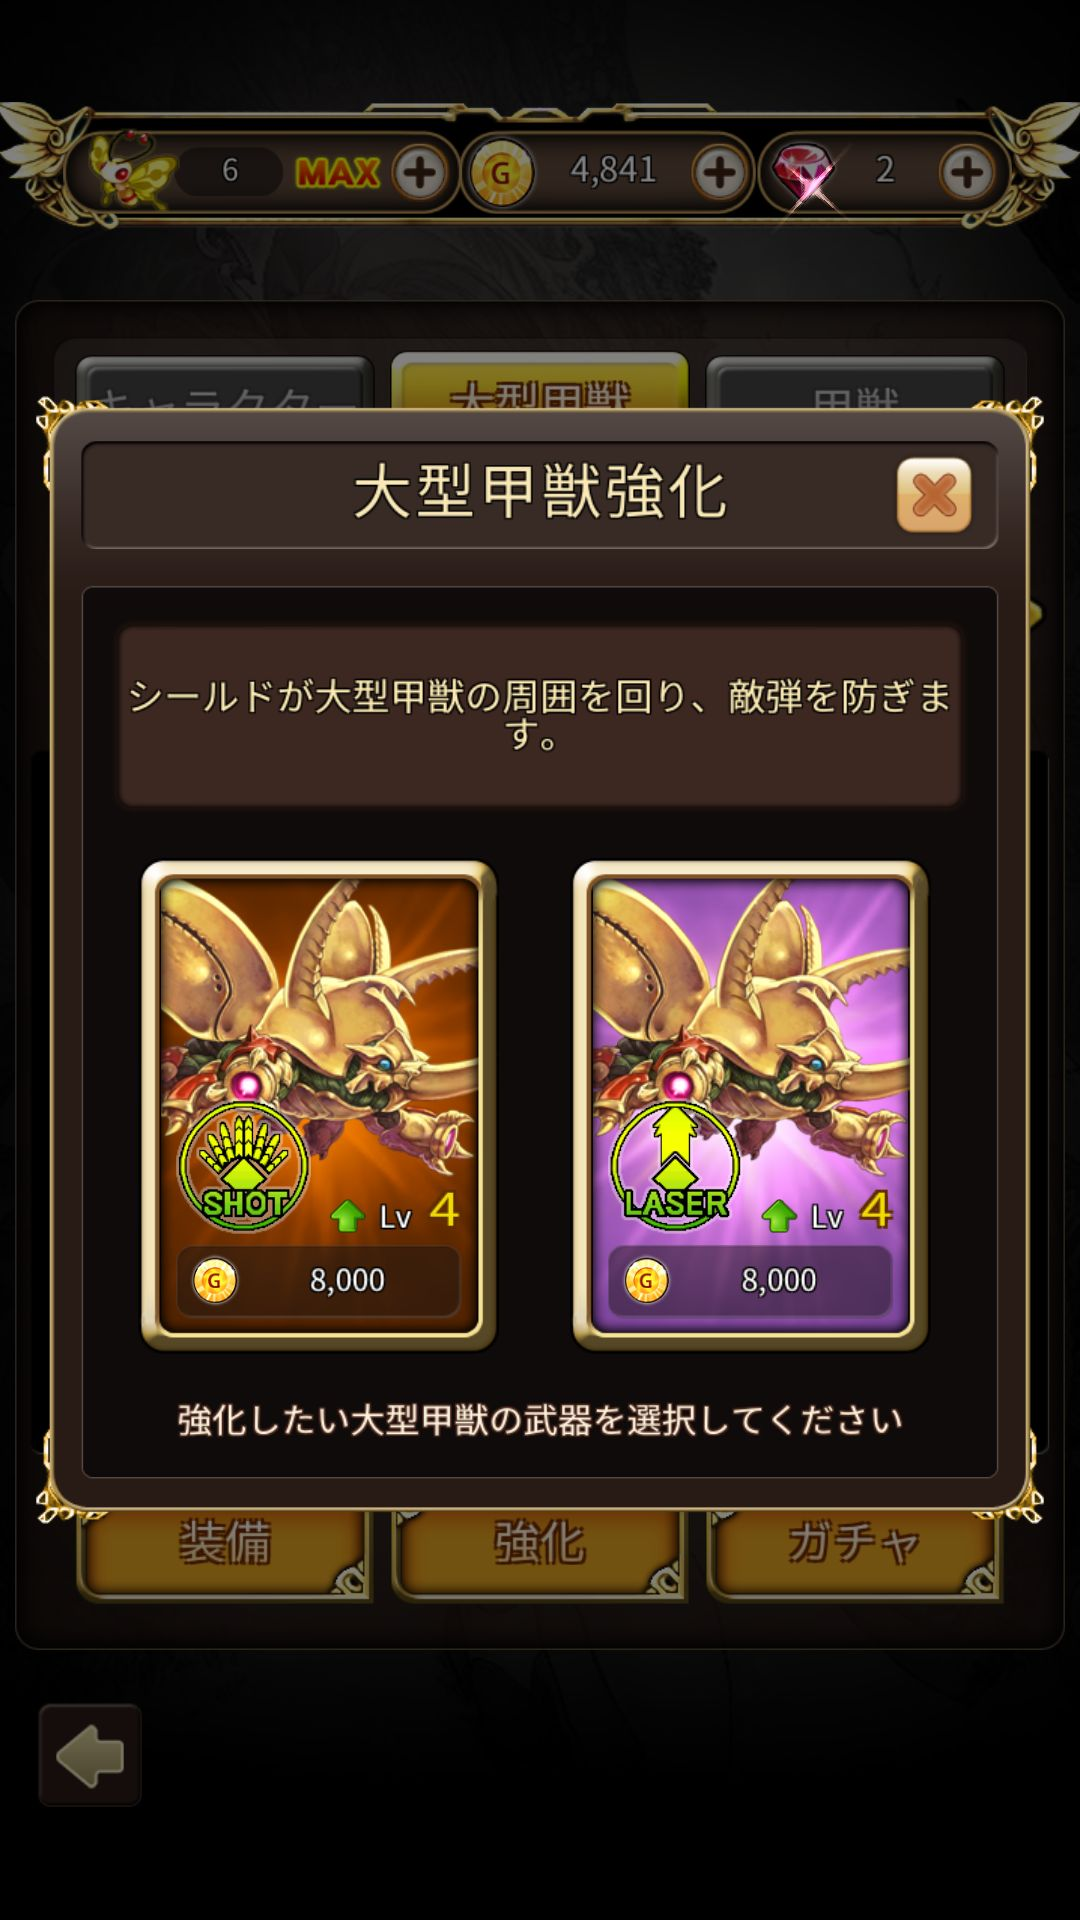 虫姫さま : Gold Label androidアプリスクリーンショット3